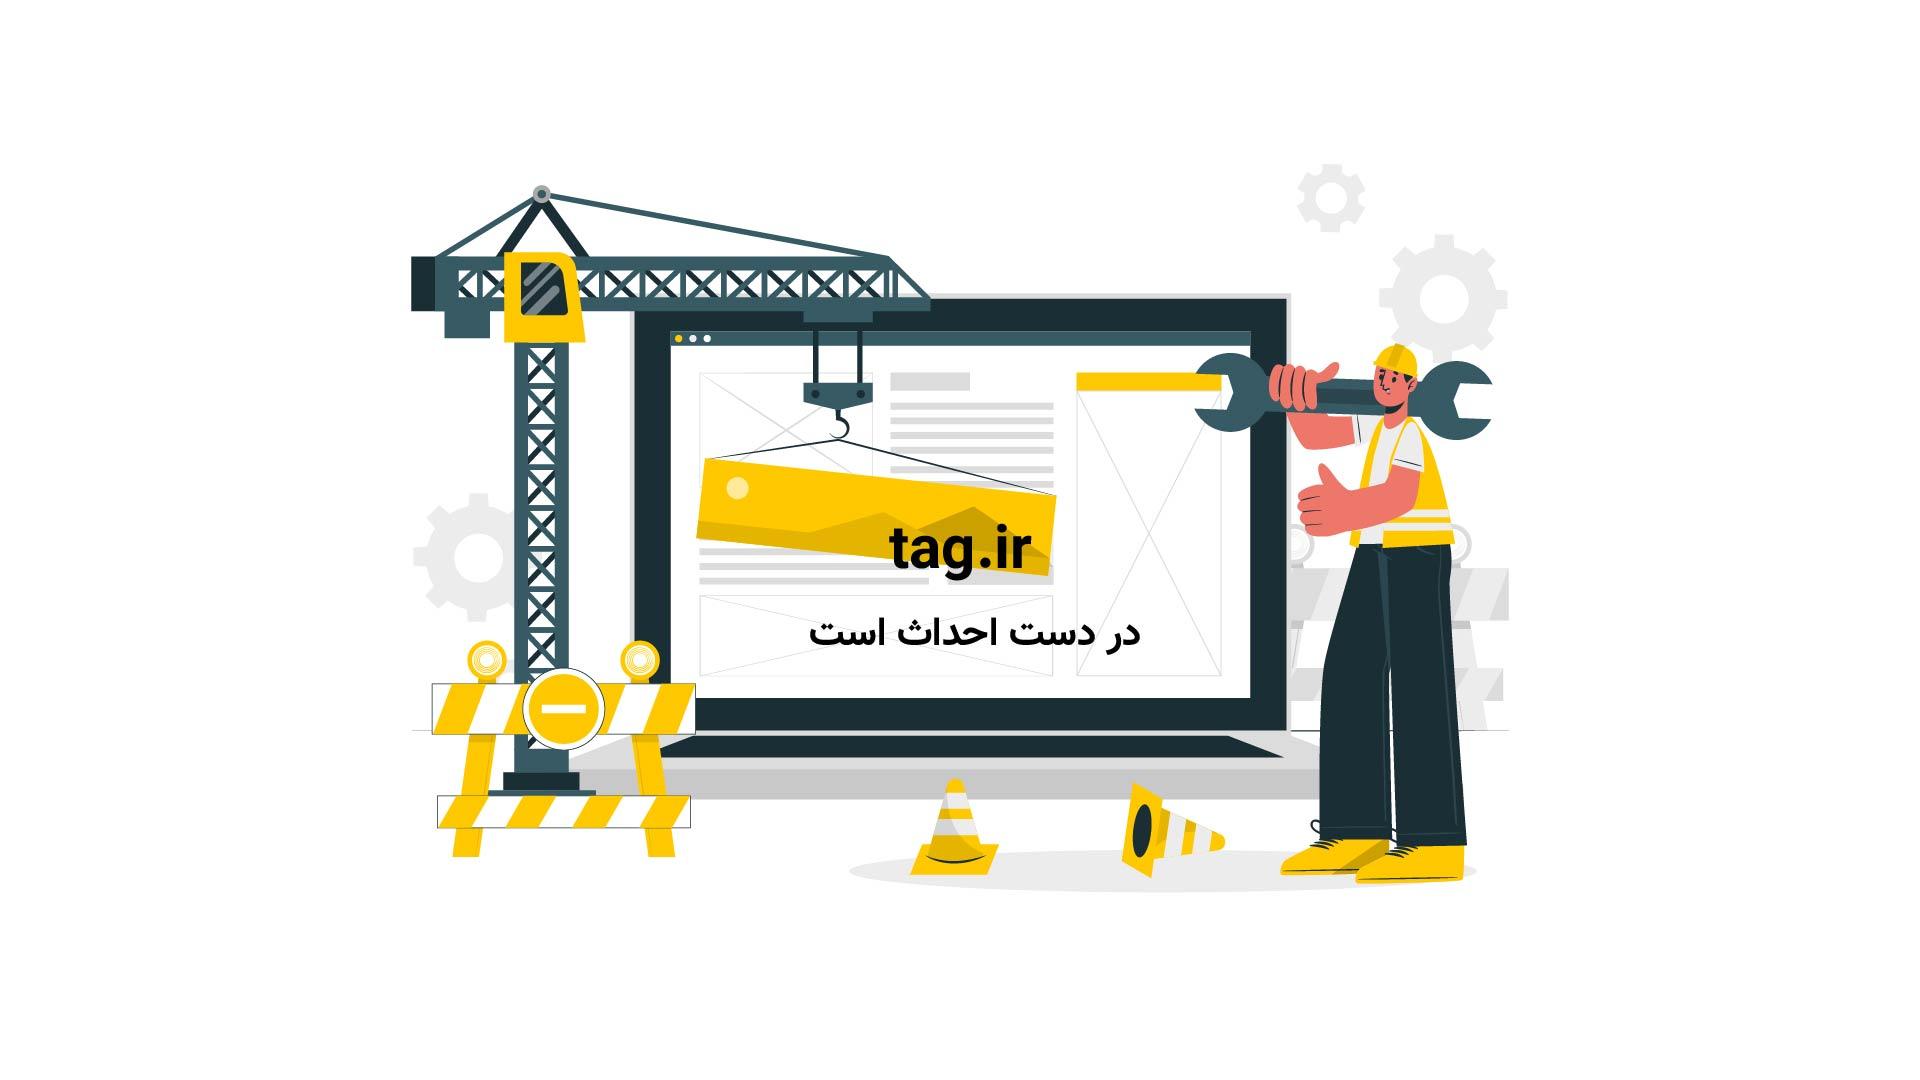 آتش سوزی بازار تبریز | تگ